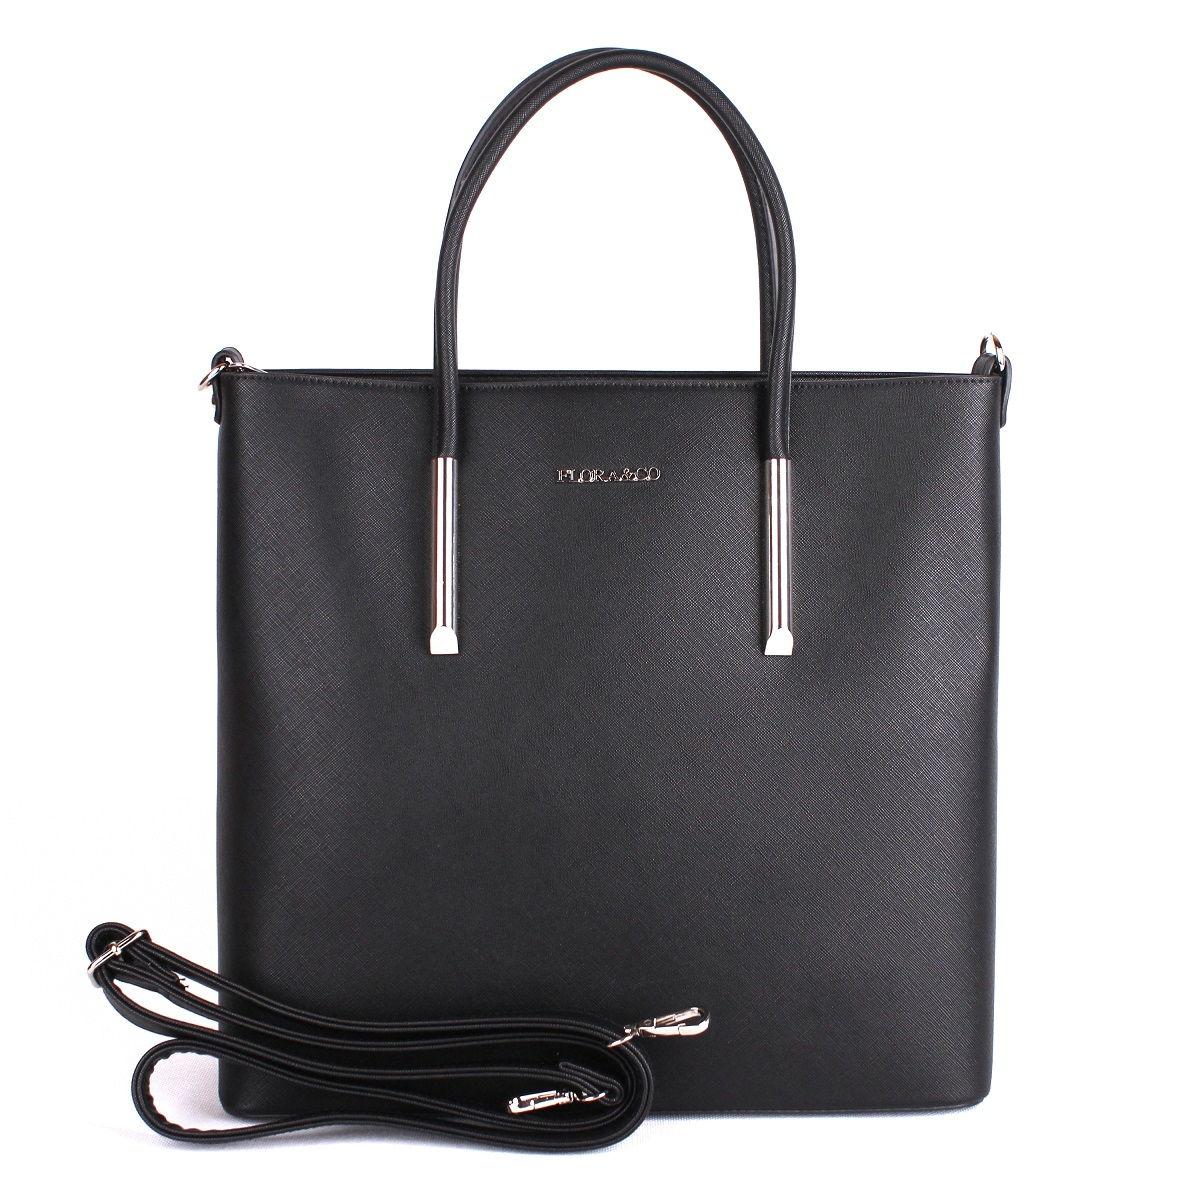 Černá velká elegantní pevná kabelka do ruky FLORA&CO F5645